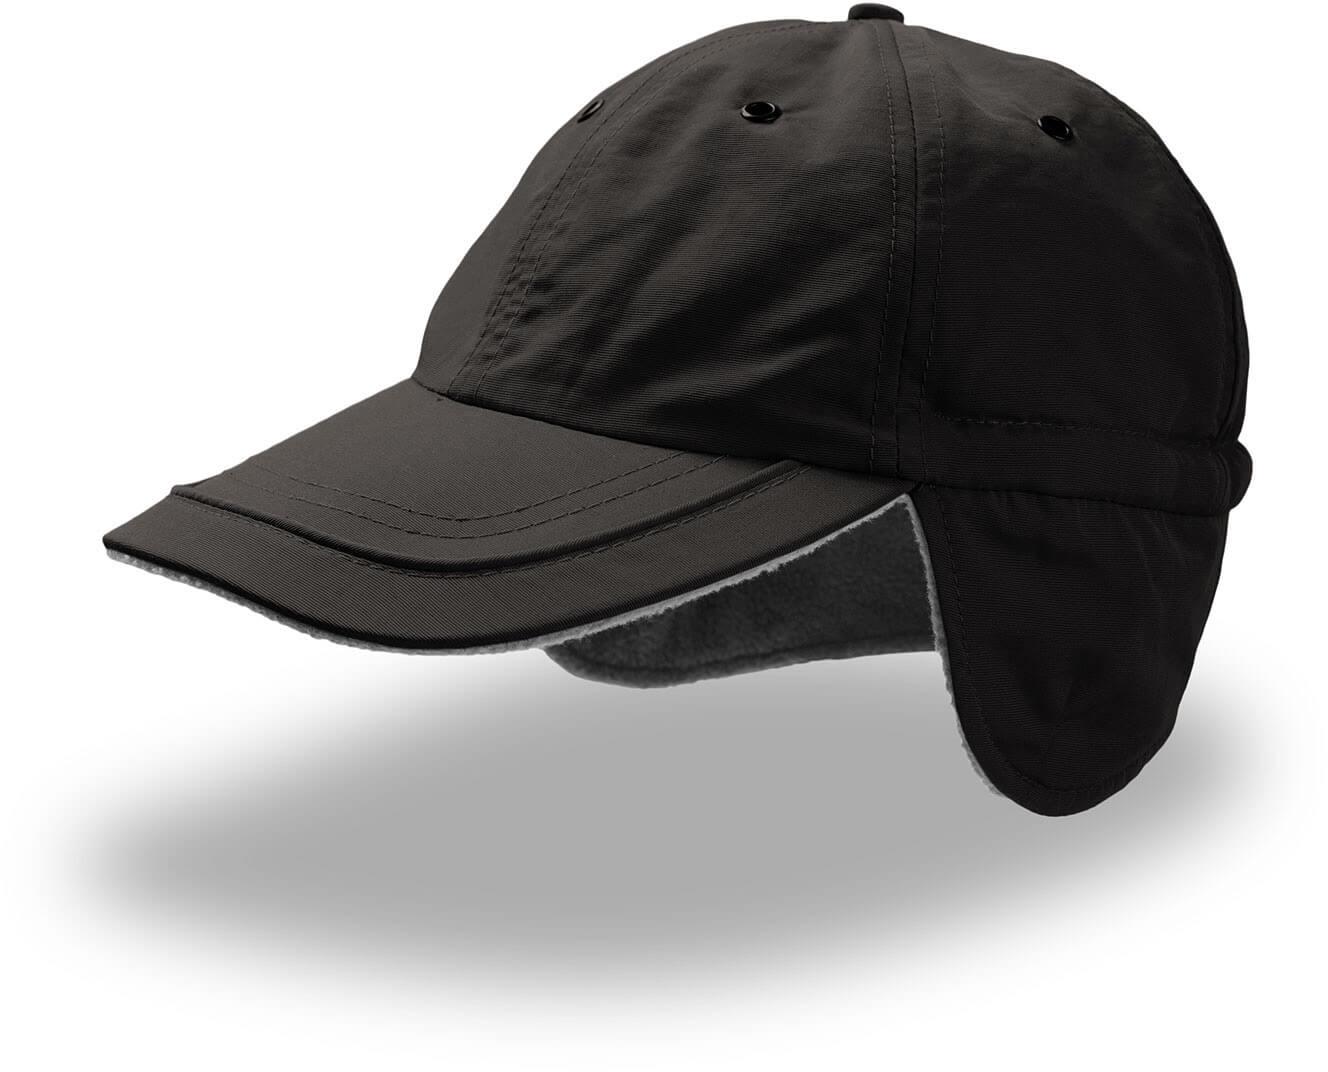 Techno Flap Šiltovka s klapkami na uši